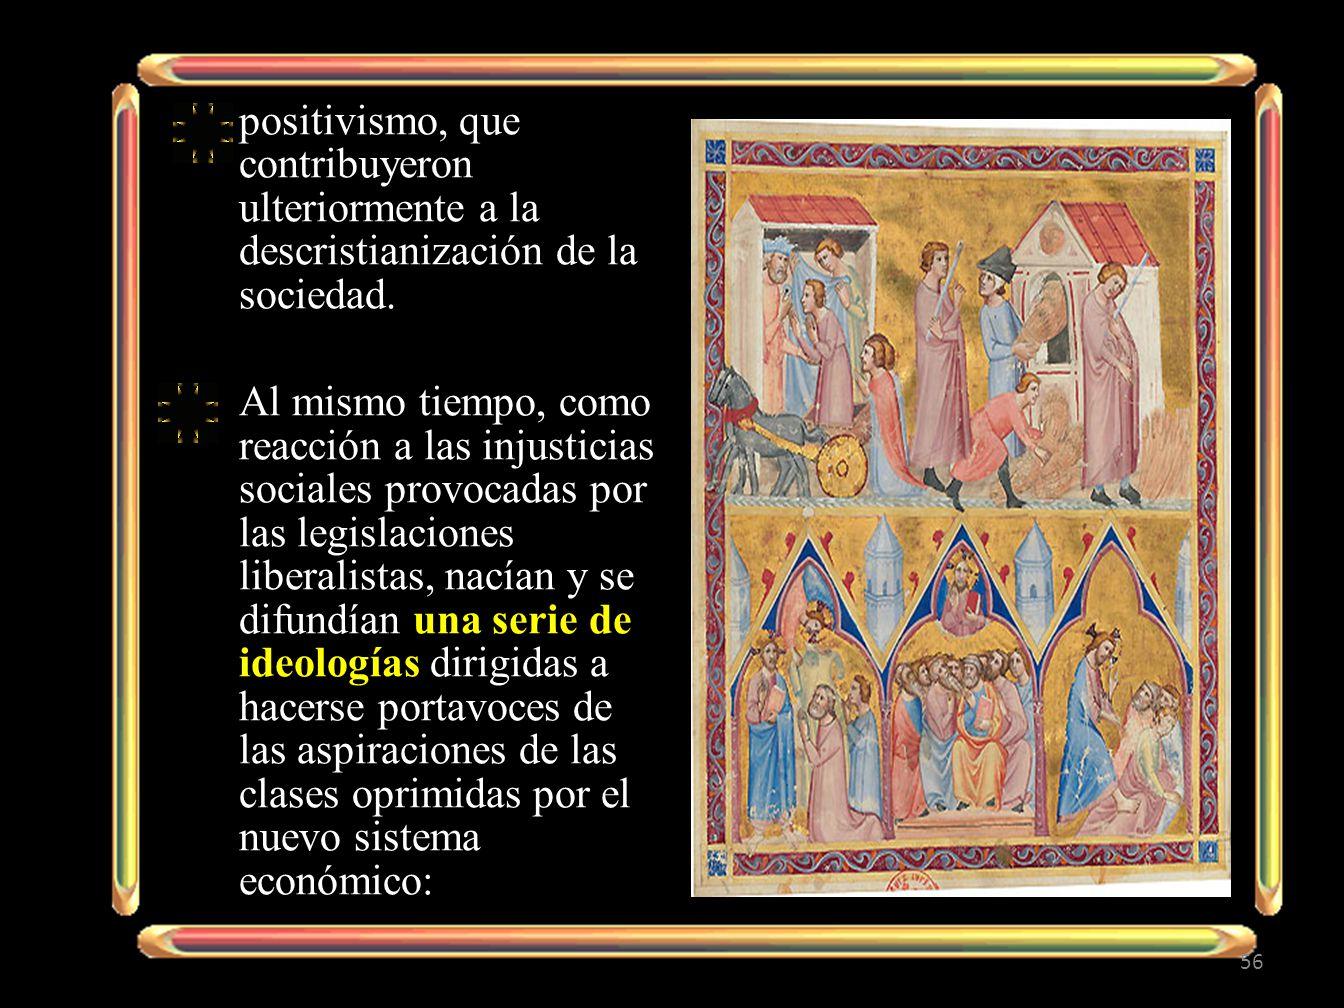 positivismo, que contribuyeron ulteriormente a la descristianización de la sociedad.